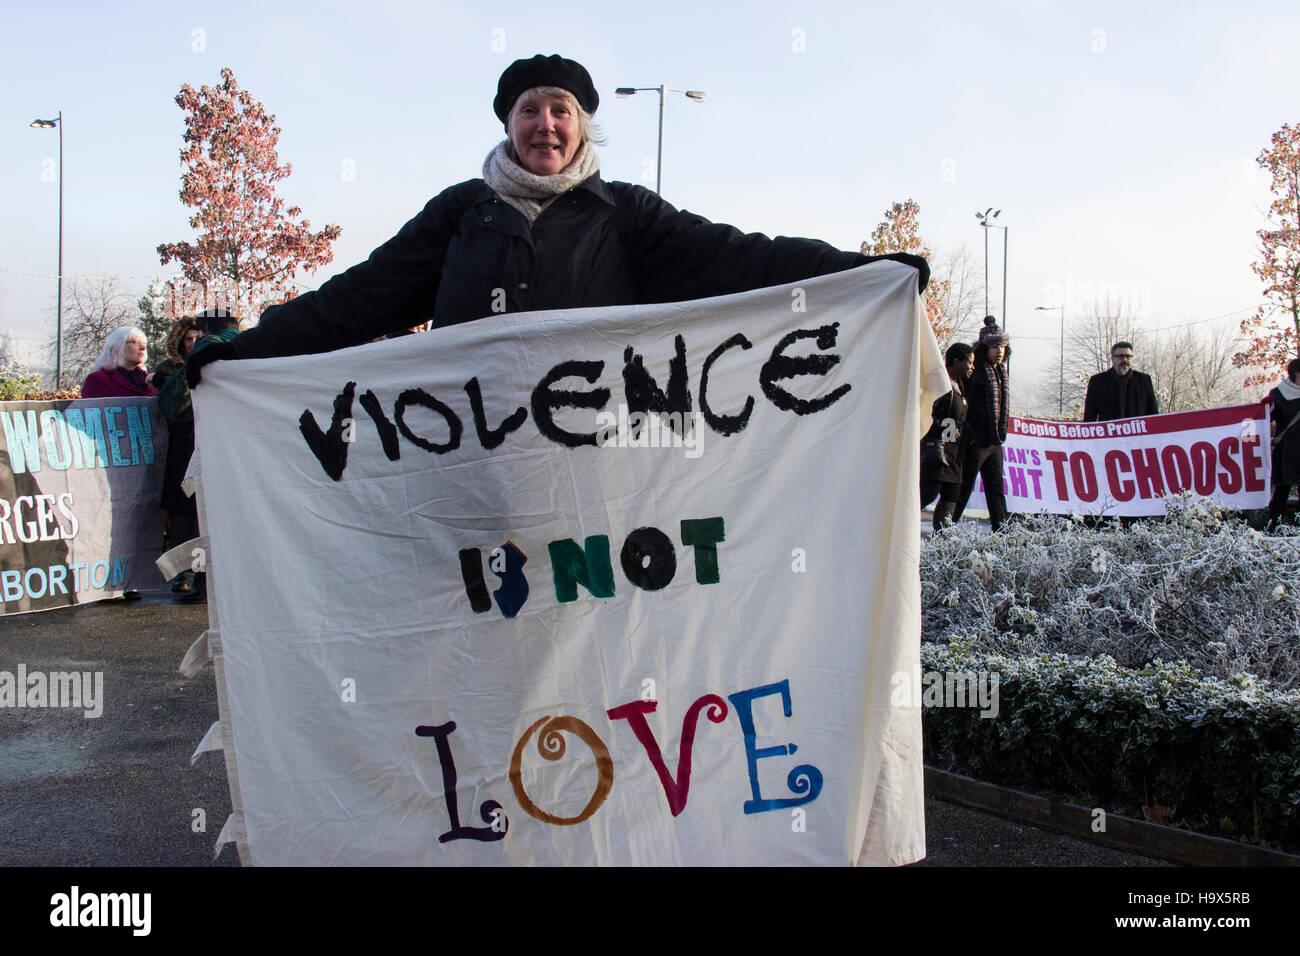 La violenza non è Amore banner. Immagini Stock